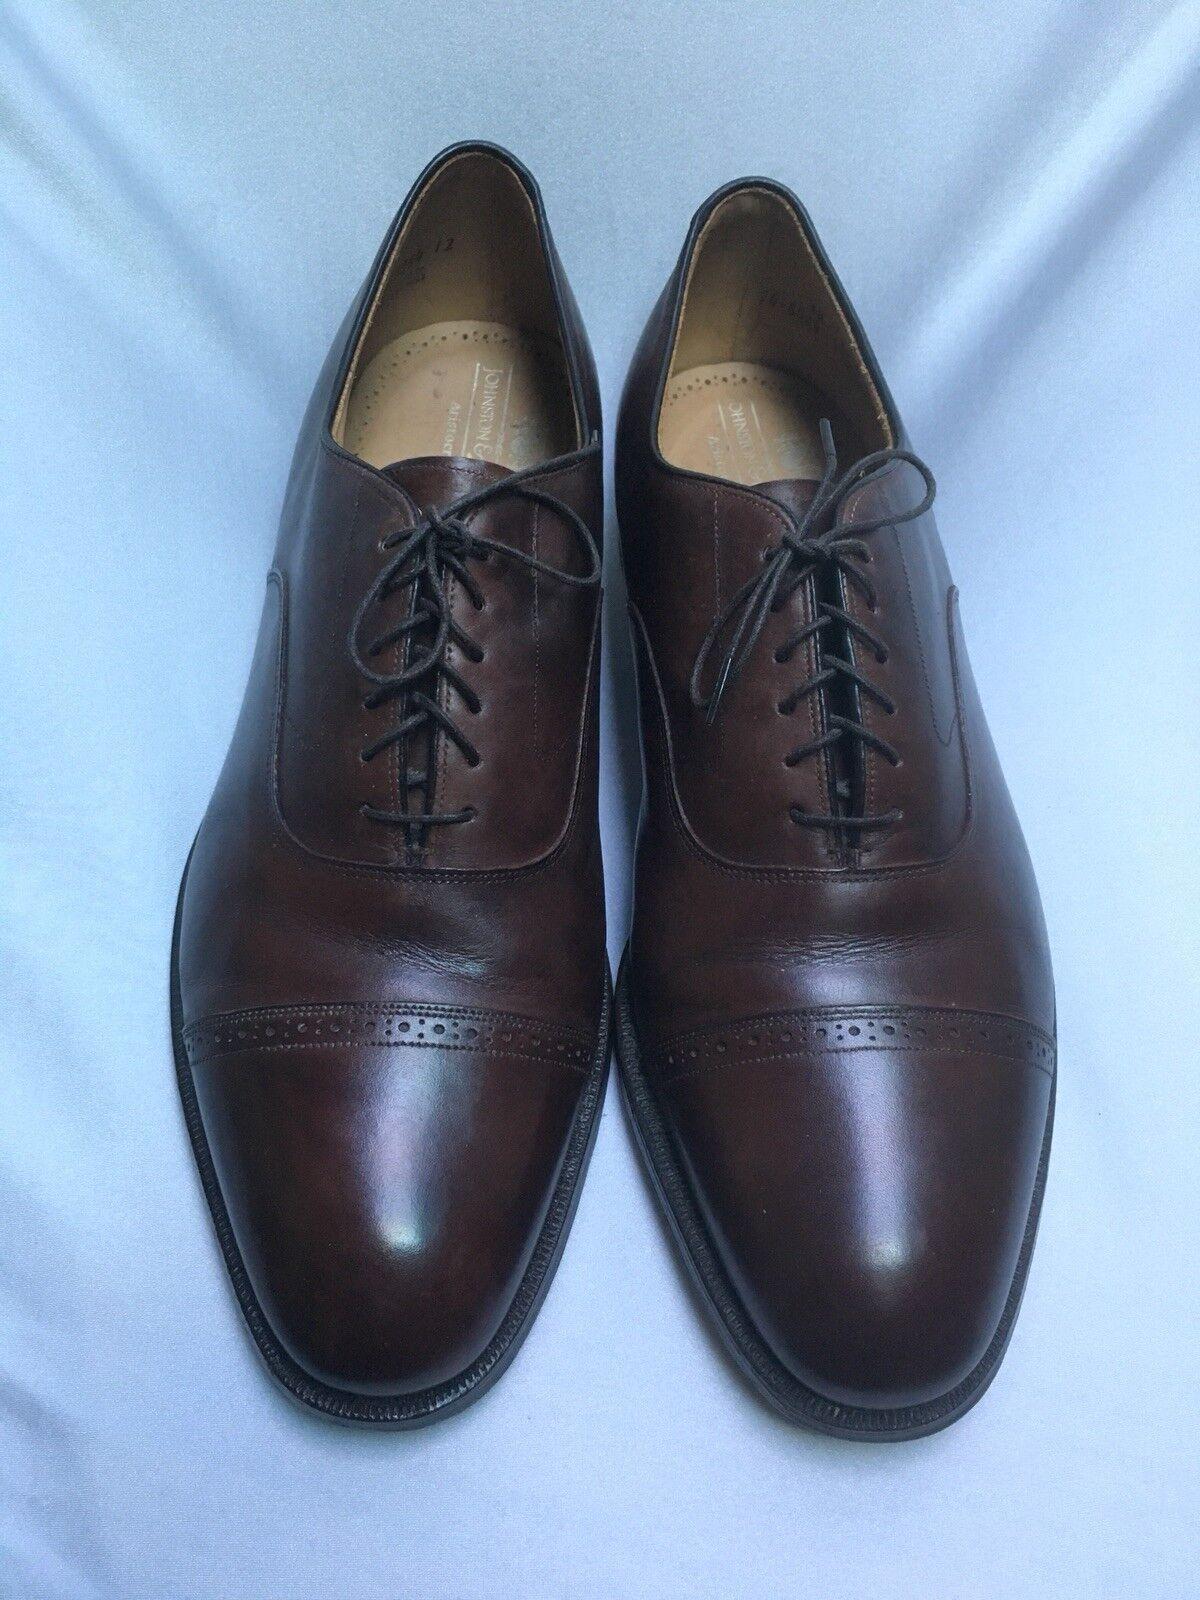 Zapatos de vestir Johnston Murphy para hombres Oxford Cuero Con Cordones Marrón Puntera 13 d b